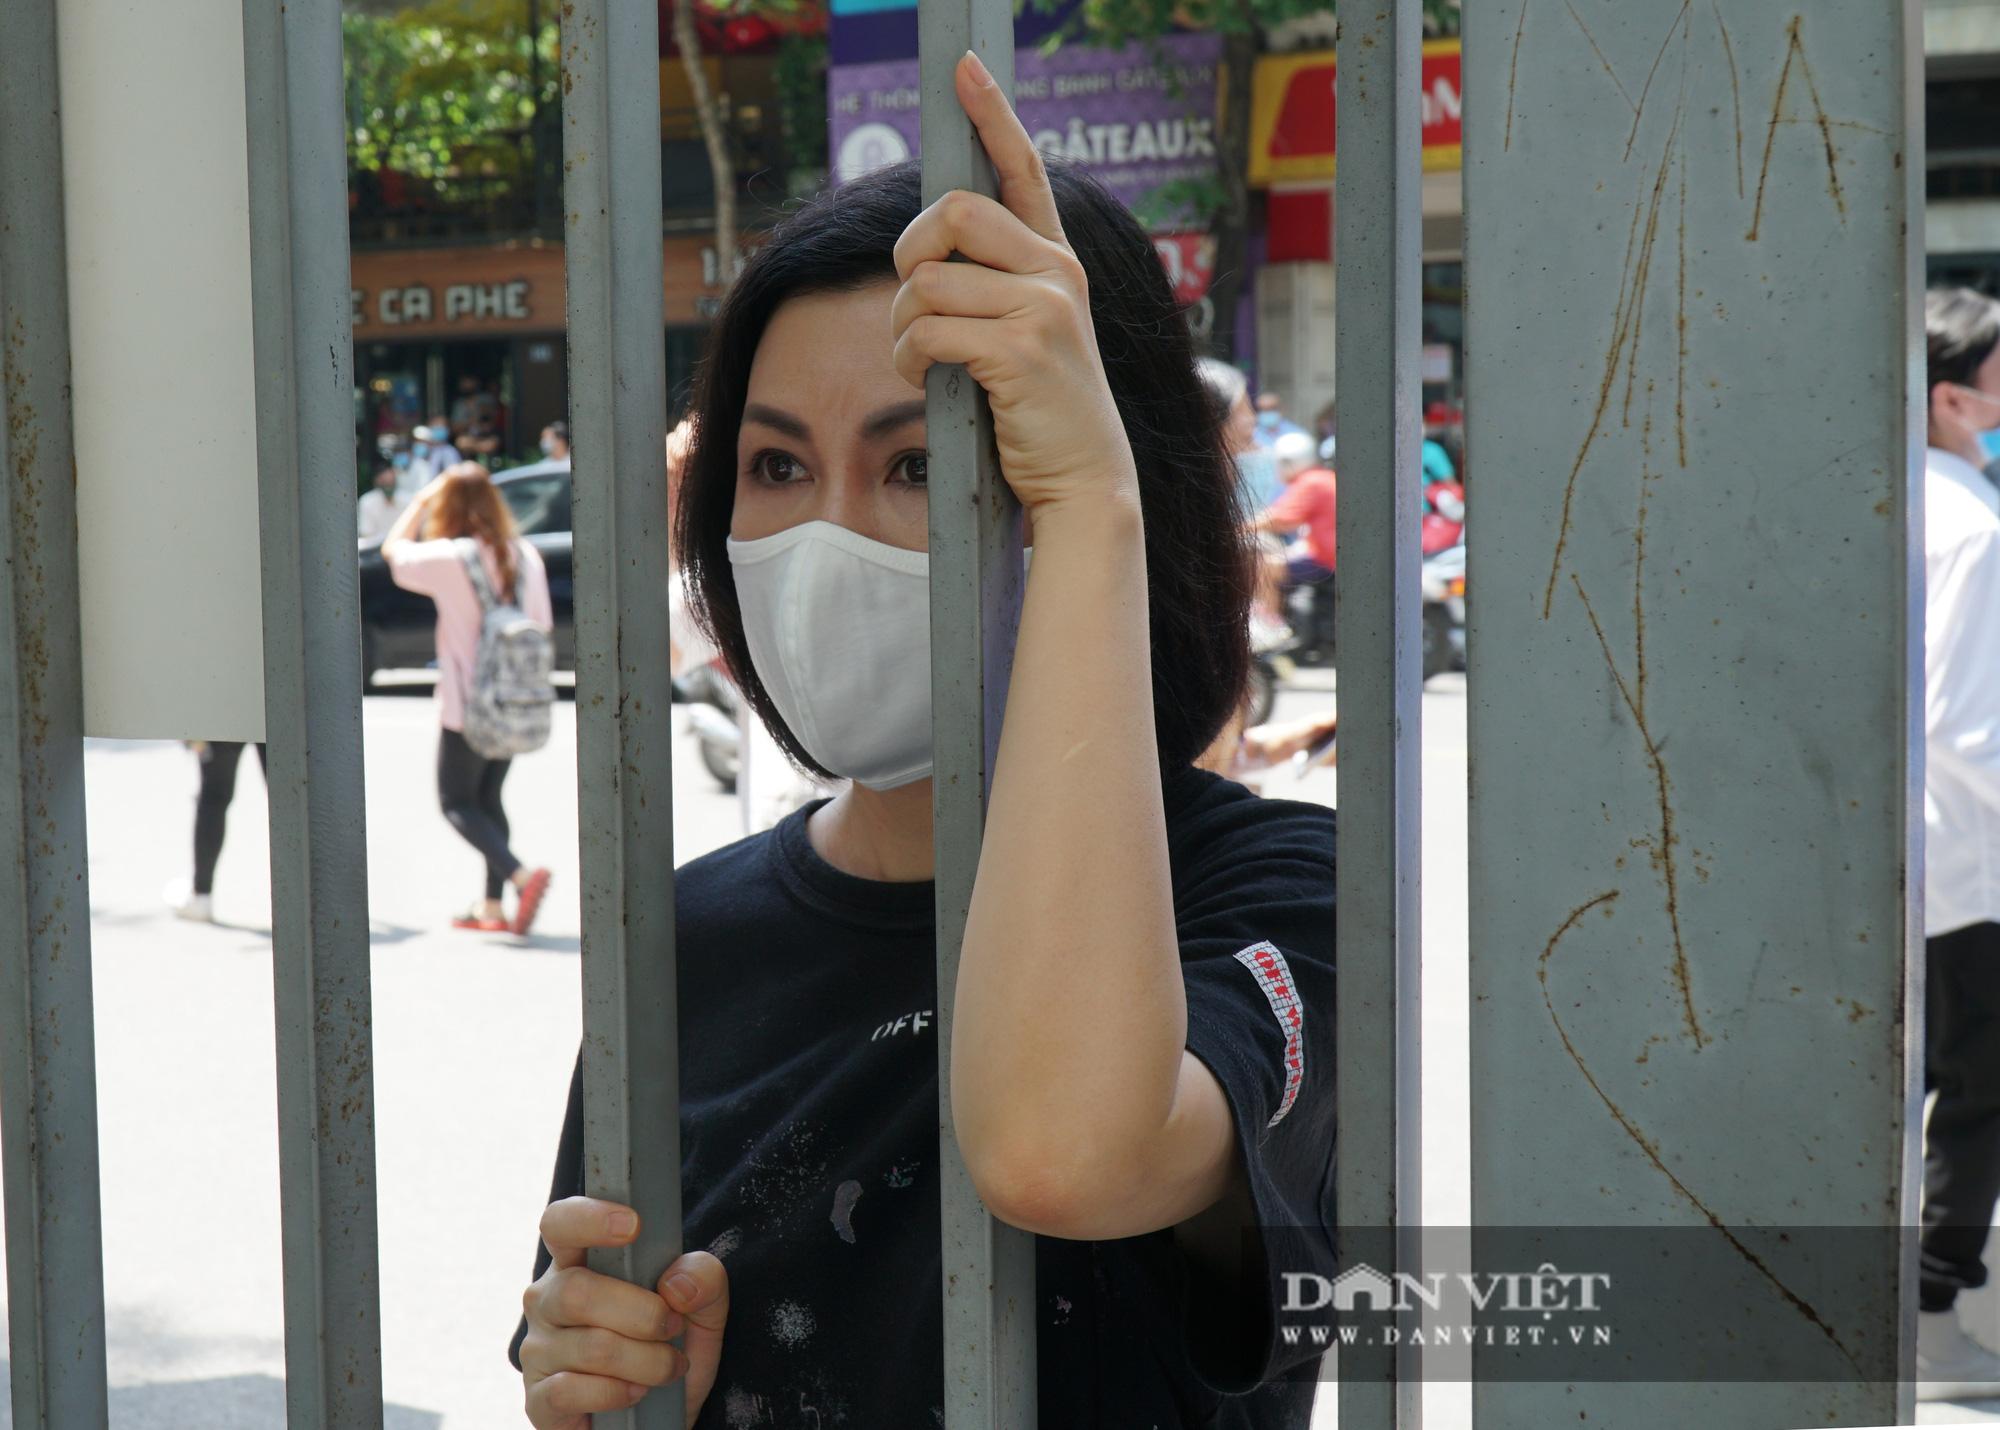 Thí sinh từ Đà Nẵng trở về cảm thấy thoải mái khi thi 1 mình một phòng - Ảnh 10.